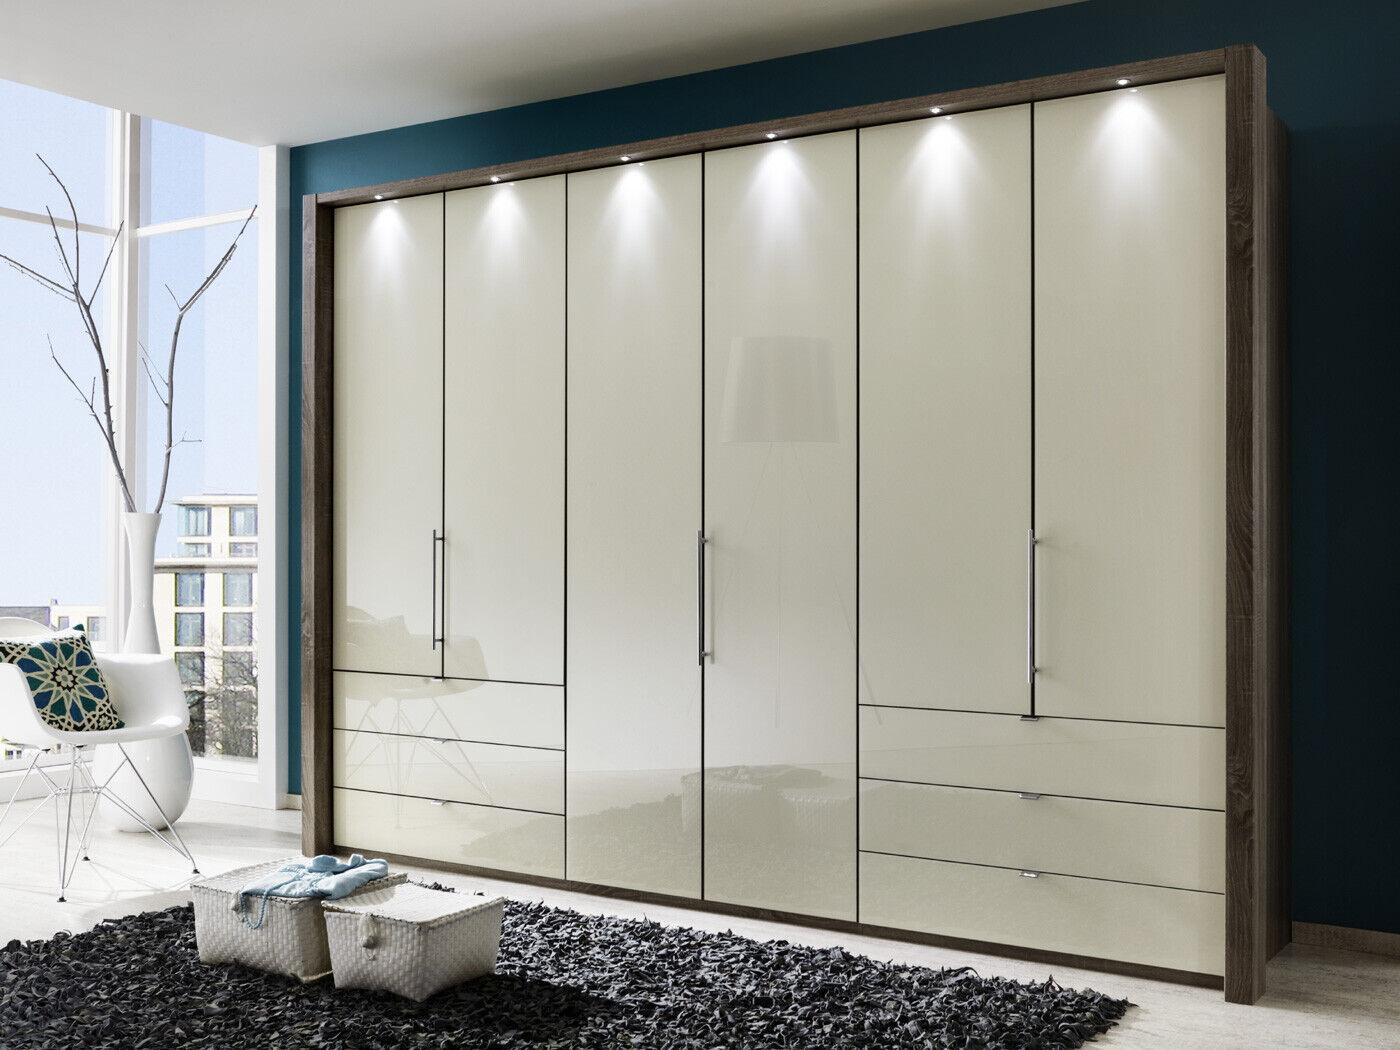 Falttürenschrank Gleittürenschrank LOFT Kleiderschränke Schlafzimmer Wiemann